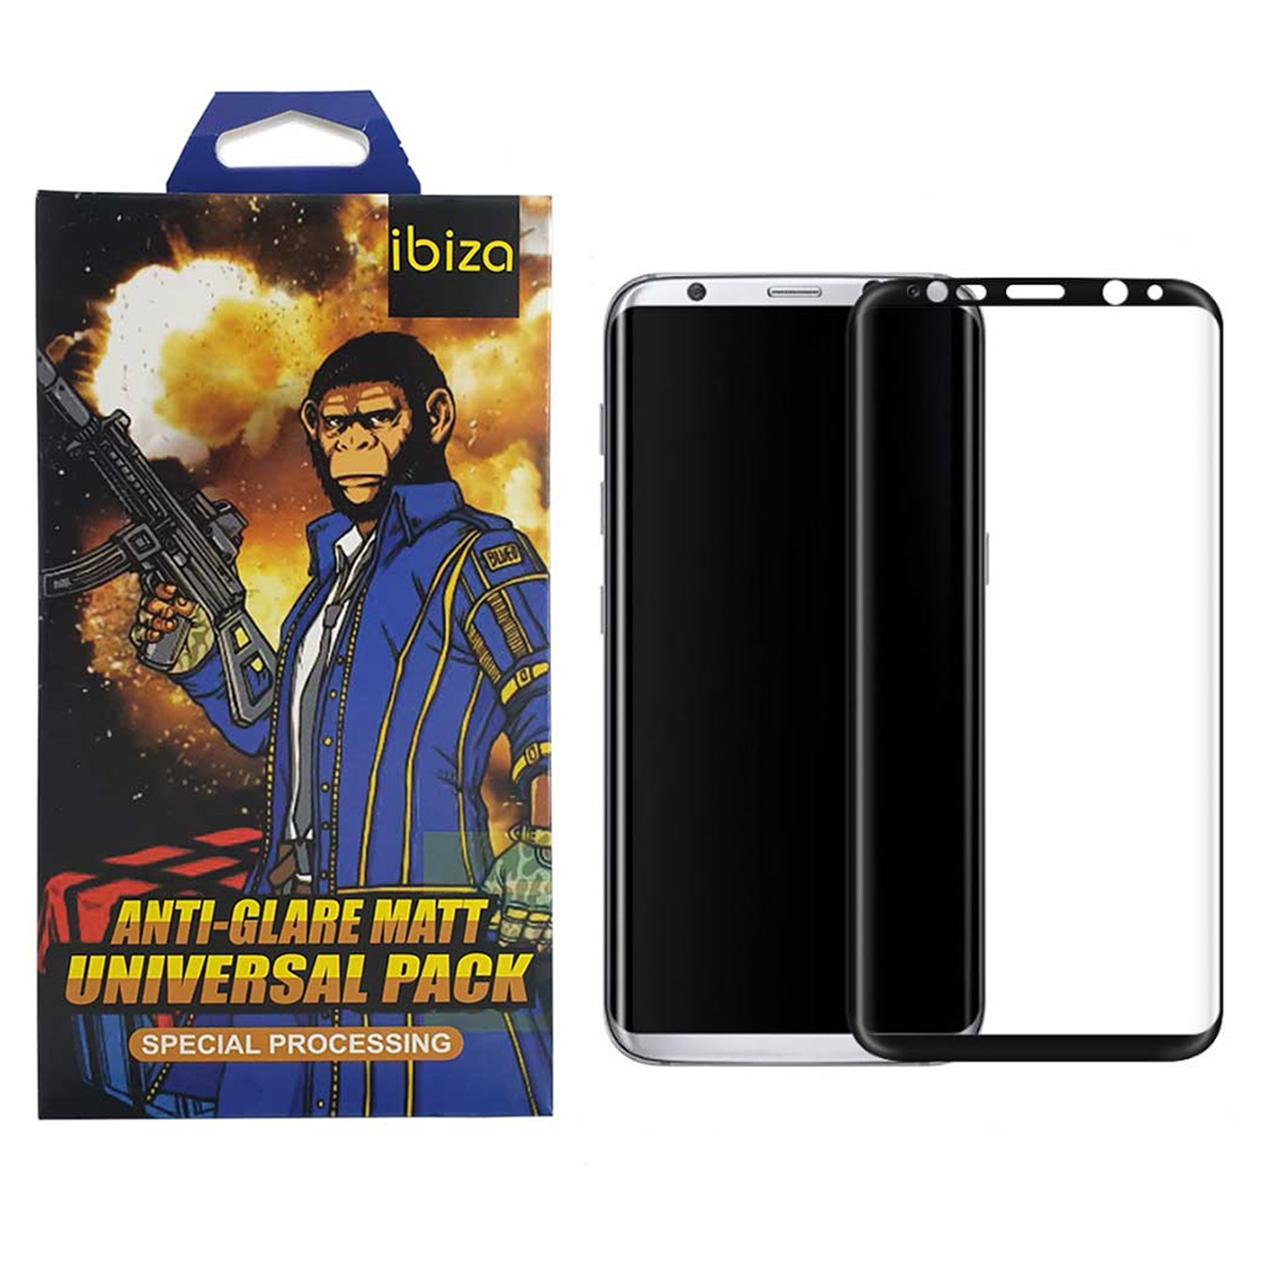 محافظ صفحه نمایش 9D ایبیزا مدل Monk7777-eg مناسب برای گوشی موبایل سامسونگ Galaxy S8